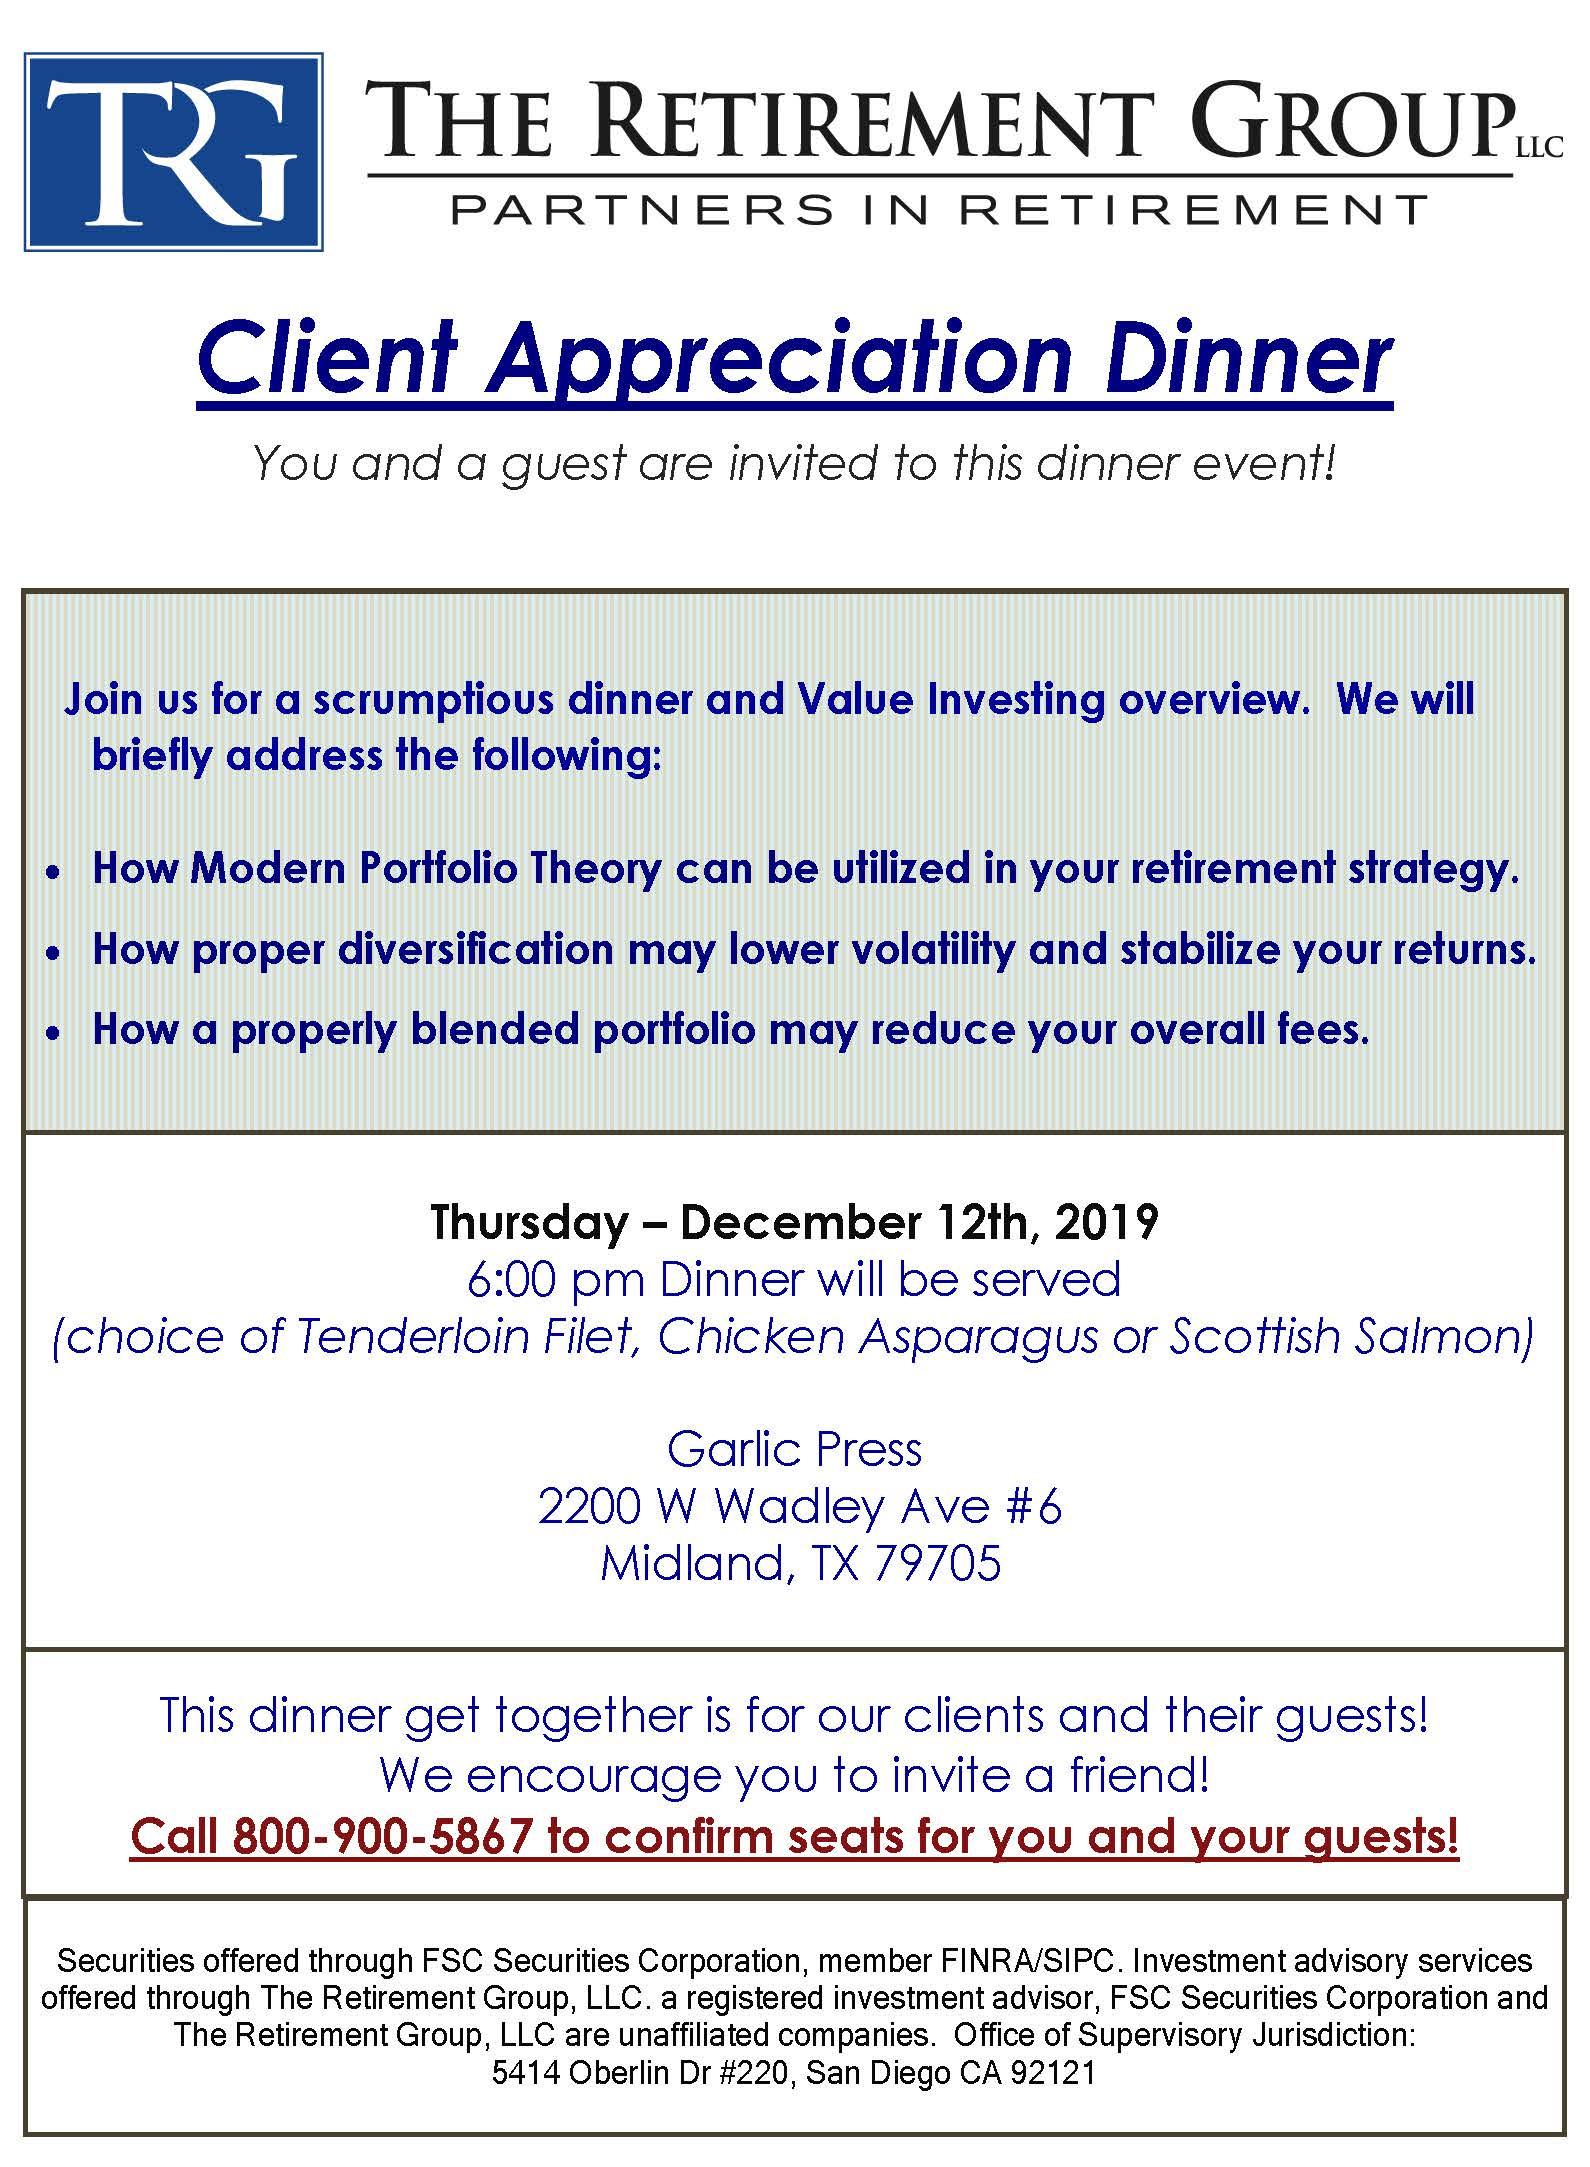 Client Dinner Midland 12-12-19